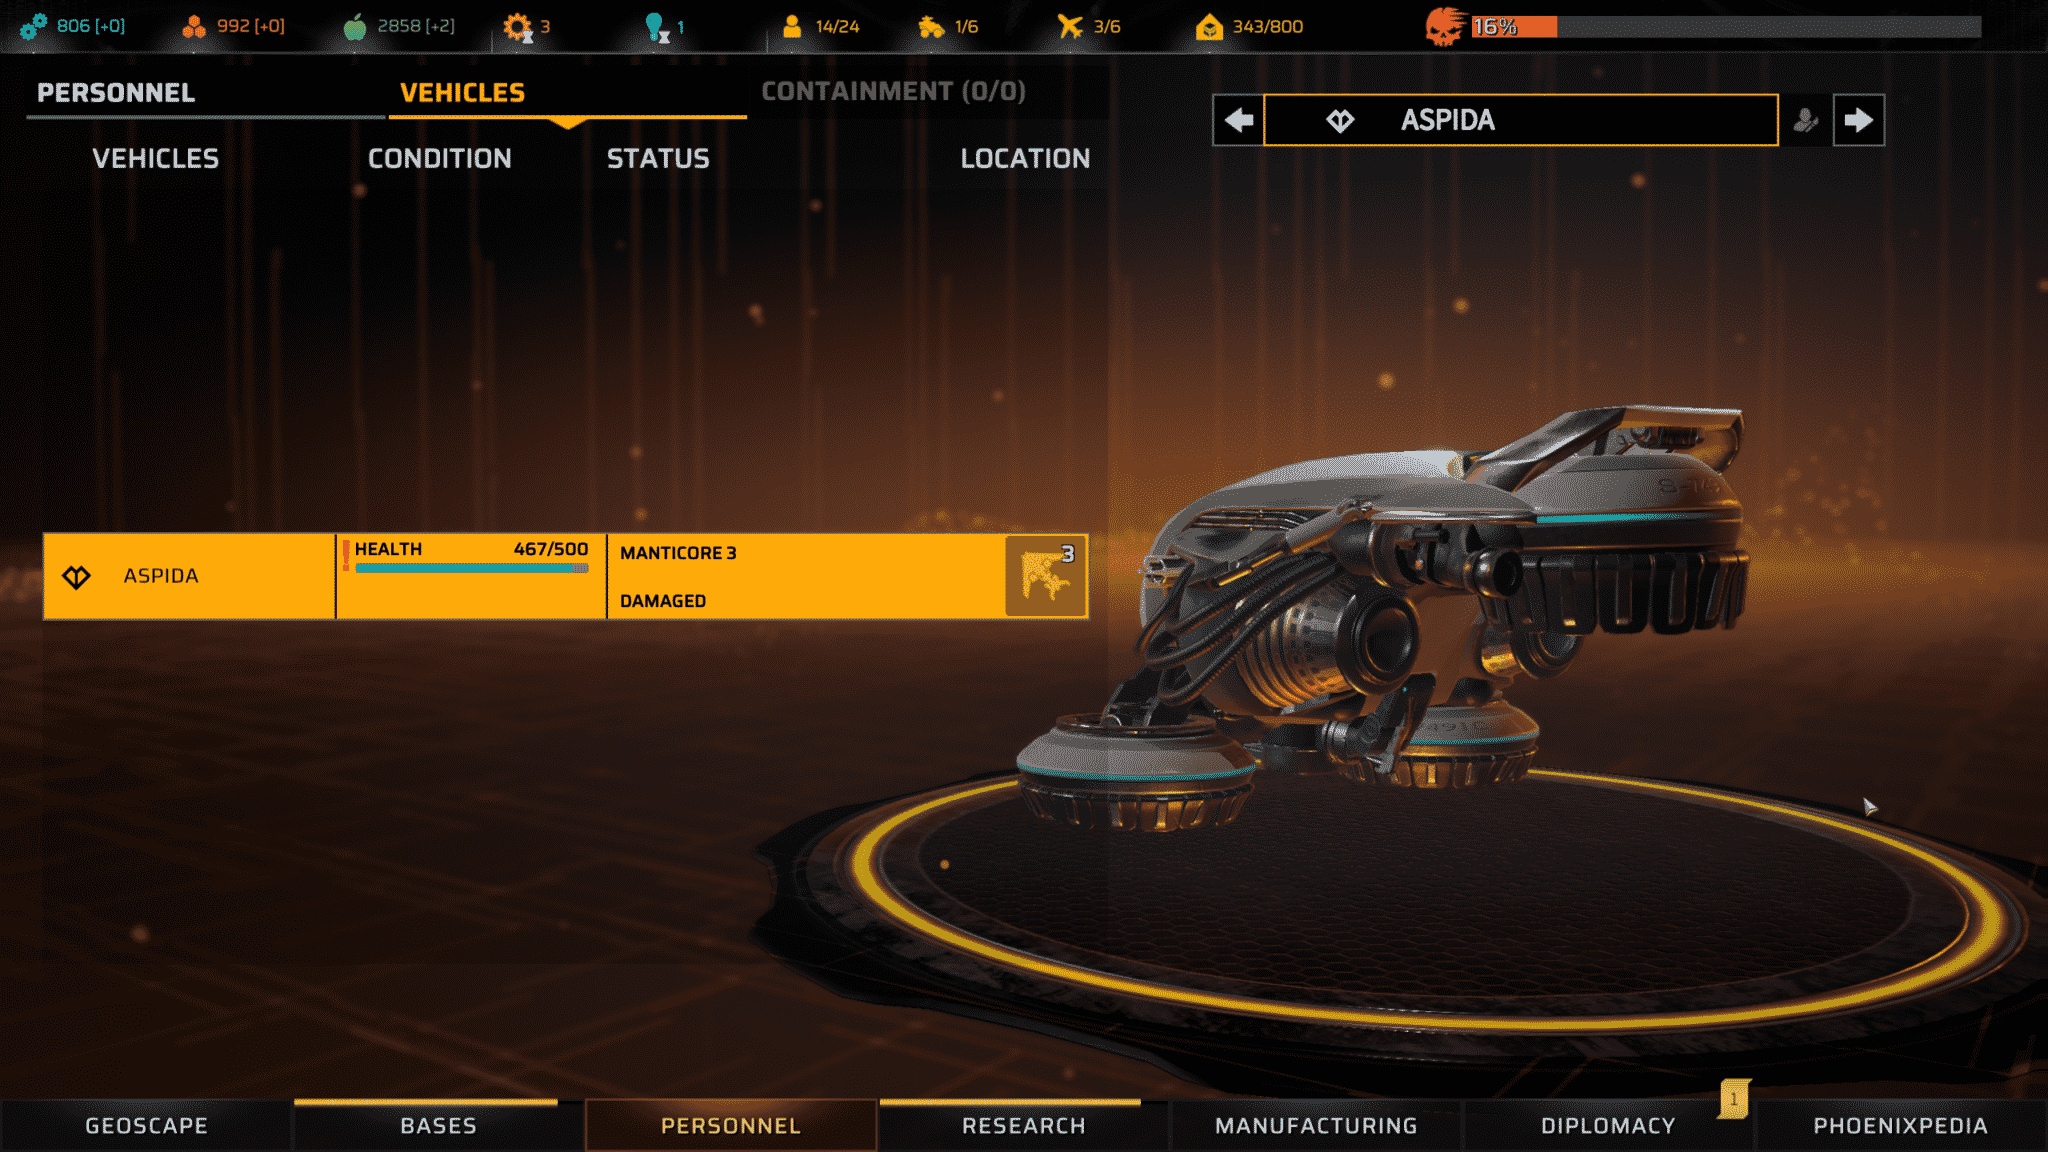 Phoenix Point, mechanický létavec ASPIDA je velice dobrá podpora misí